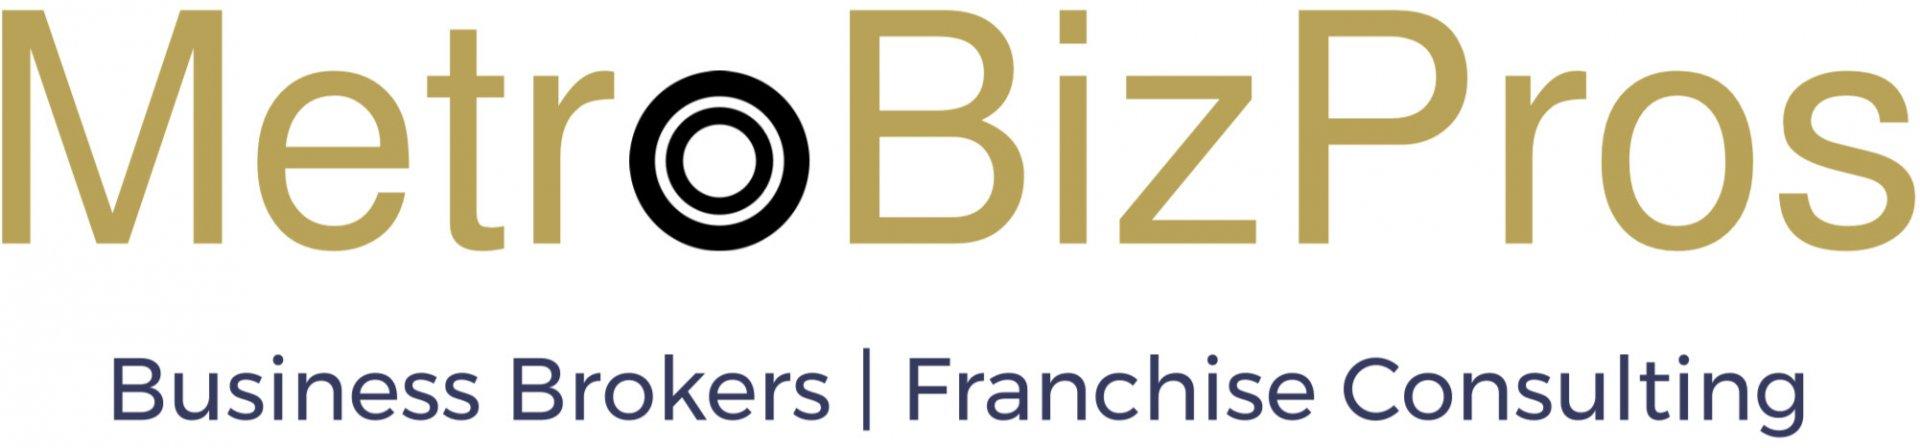 MetroBizPros logo